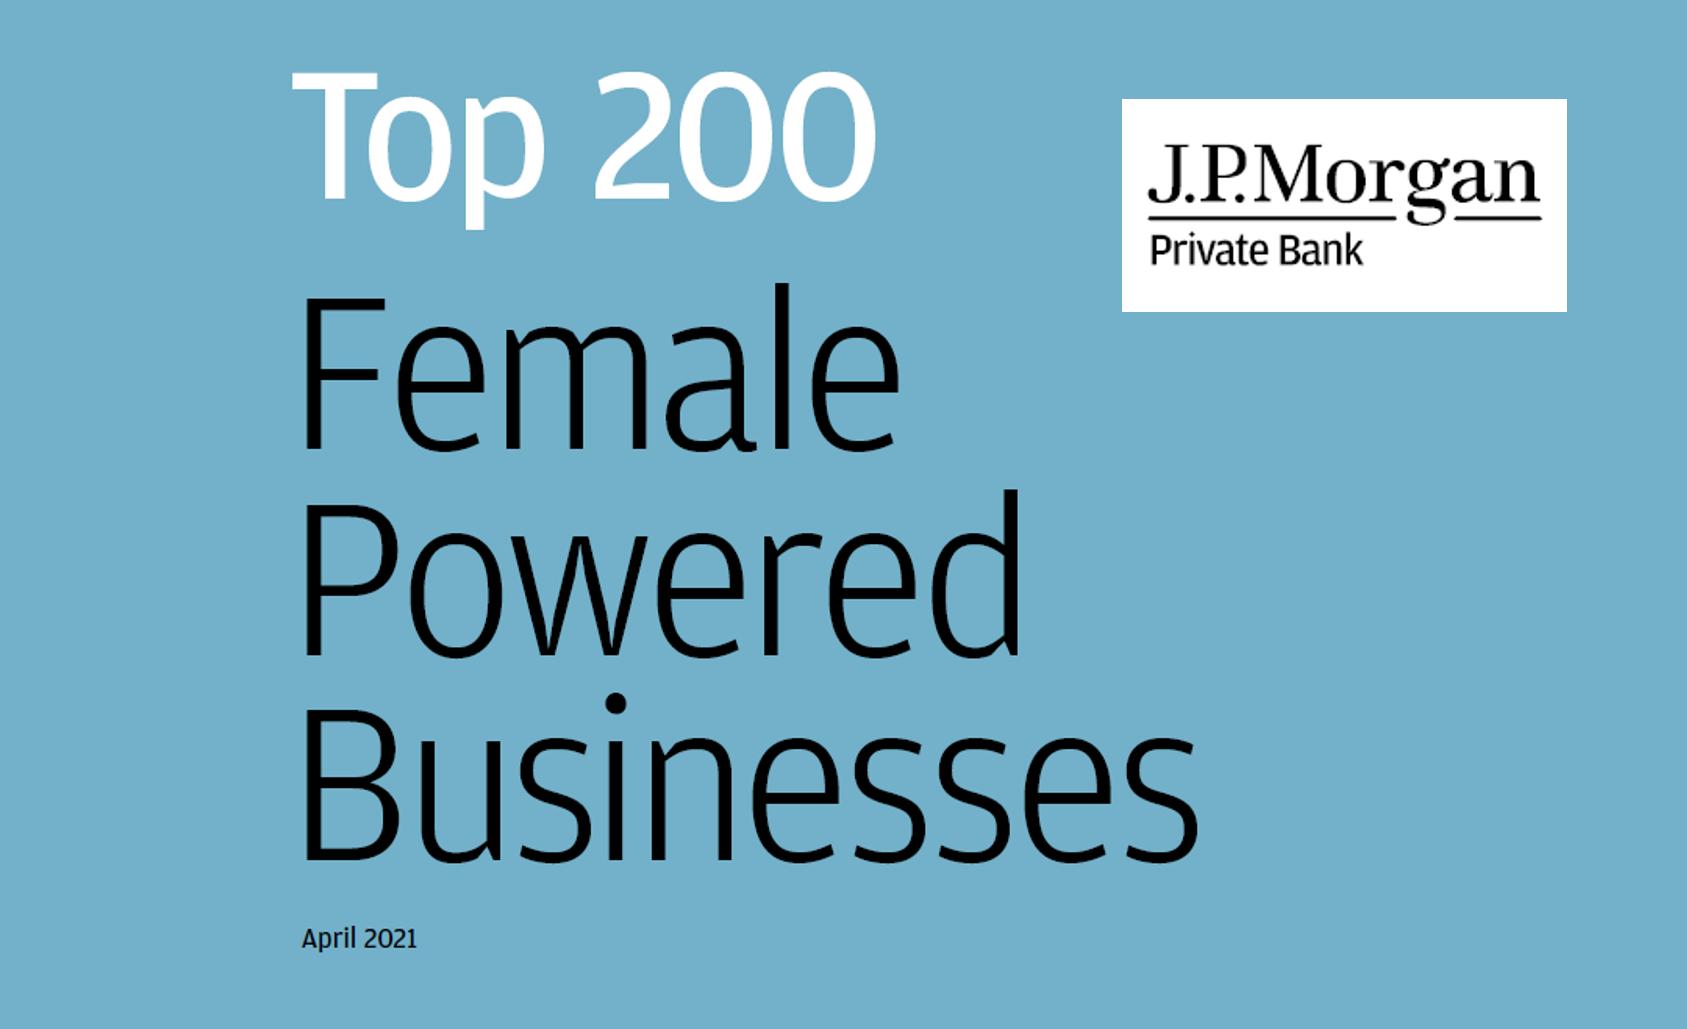 JP Morgan Top 200 Female Powered Businesses